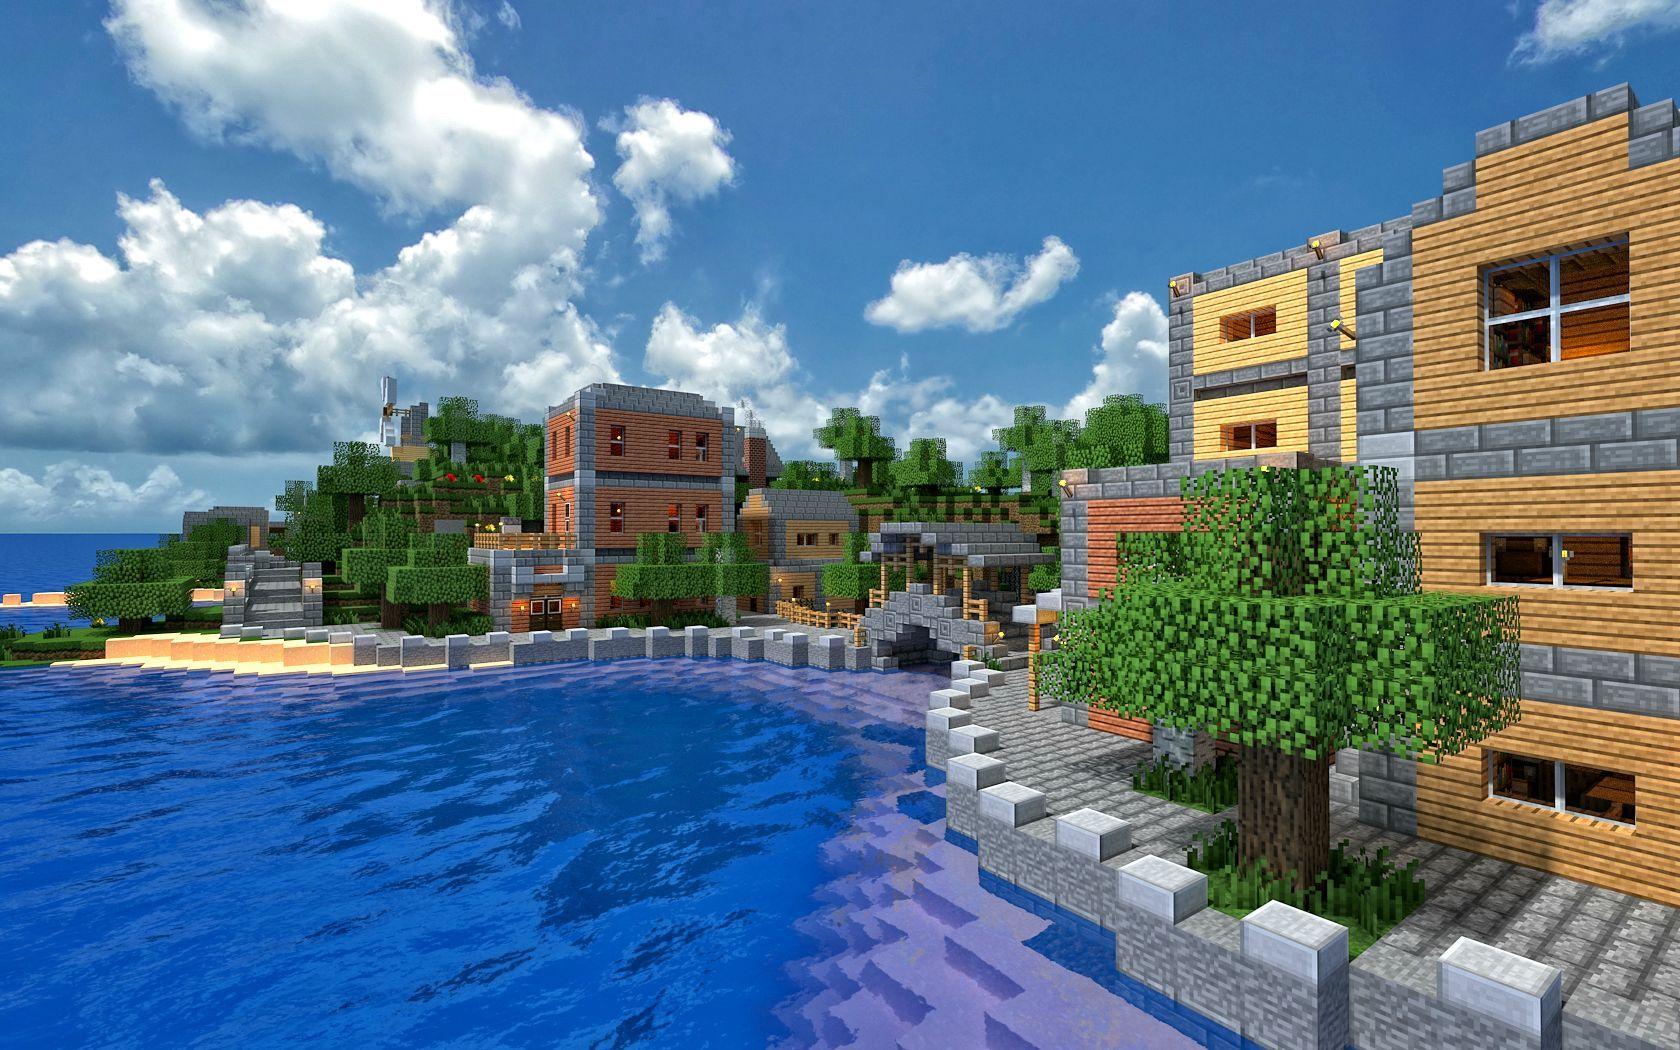 Popular Wallpaper Minecraft Houses - ac6da4092e234b3ae85c58cc26554113  Graphic_566476.jpg